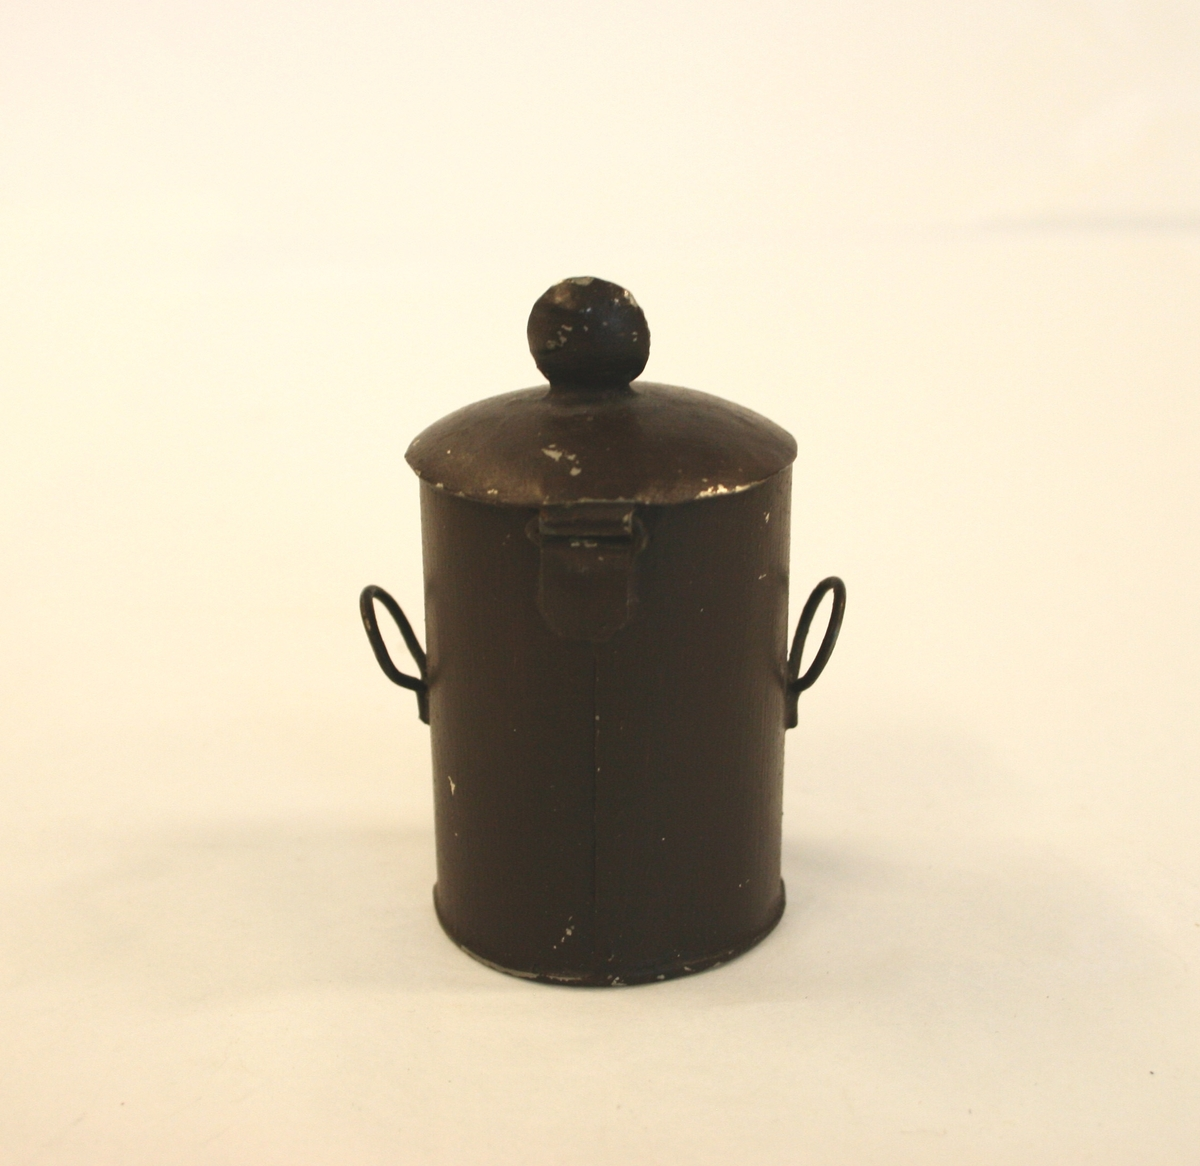 Koksboks med koks.  Sylindrisk formet med åpen luke, to runde hanker på sidene og rund hank på toppen.